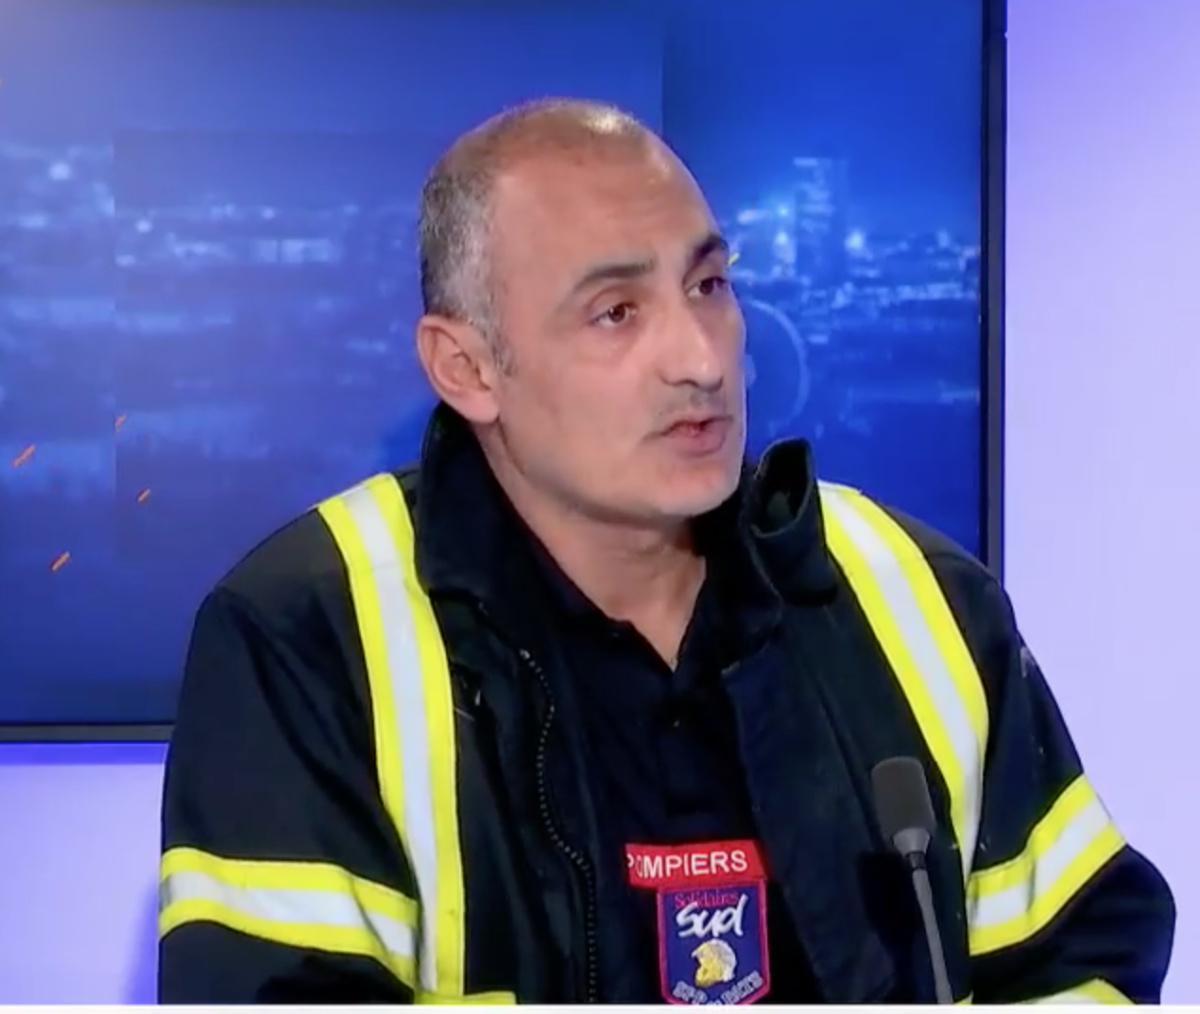 Rémy Chabbouh, était l'invité du Bonsoir Lyon du 16/10/19